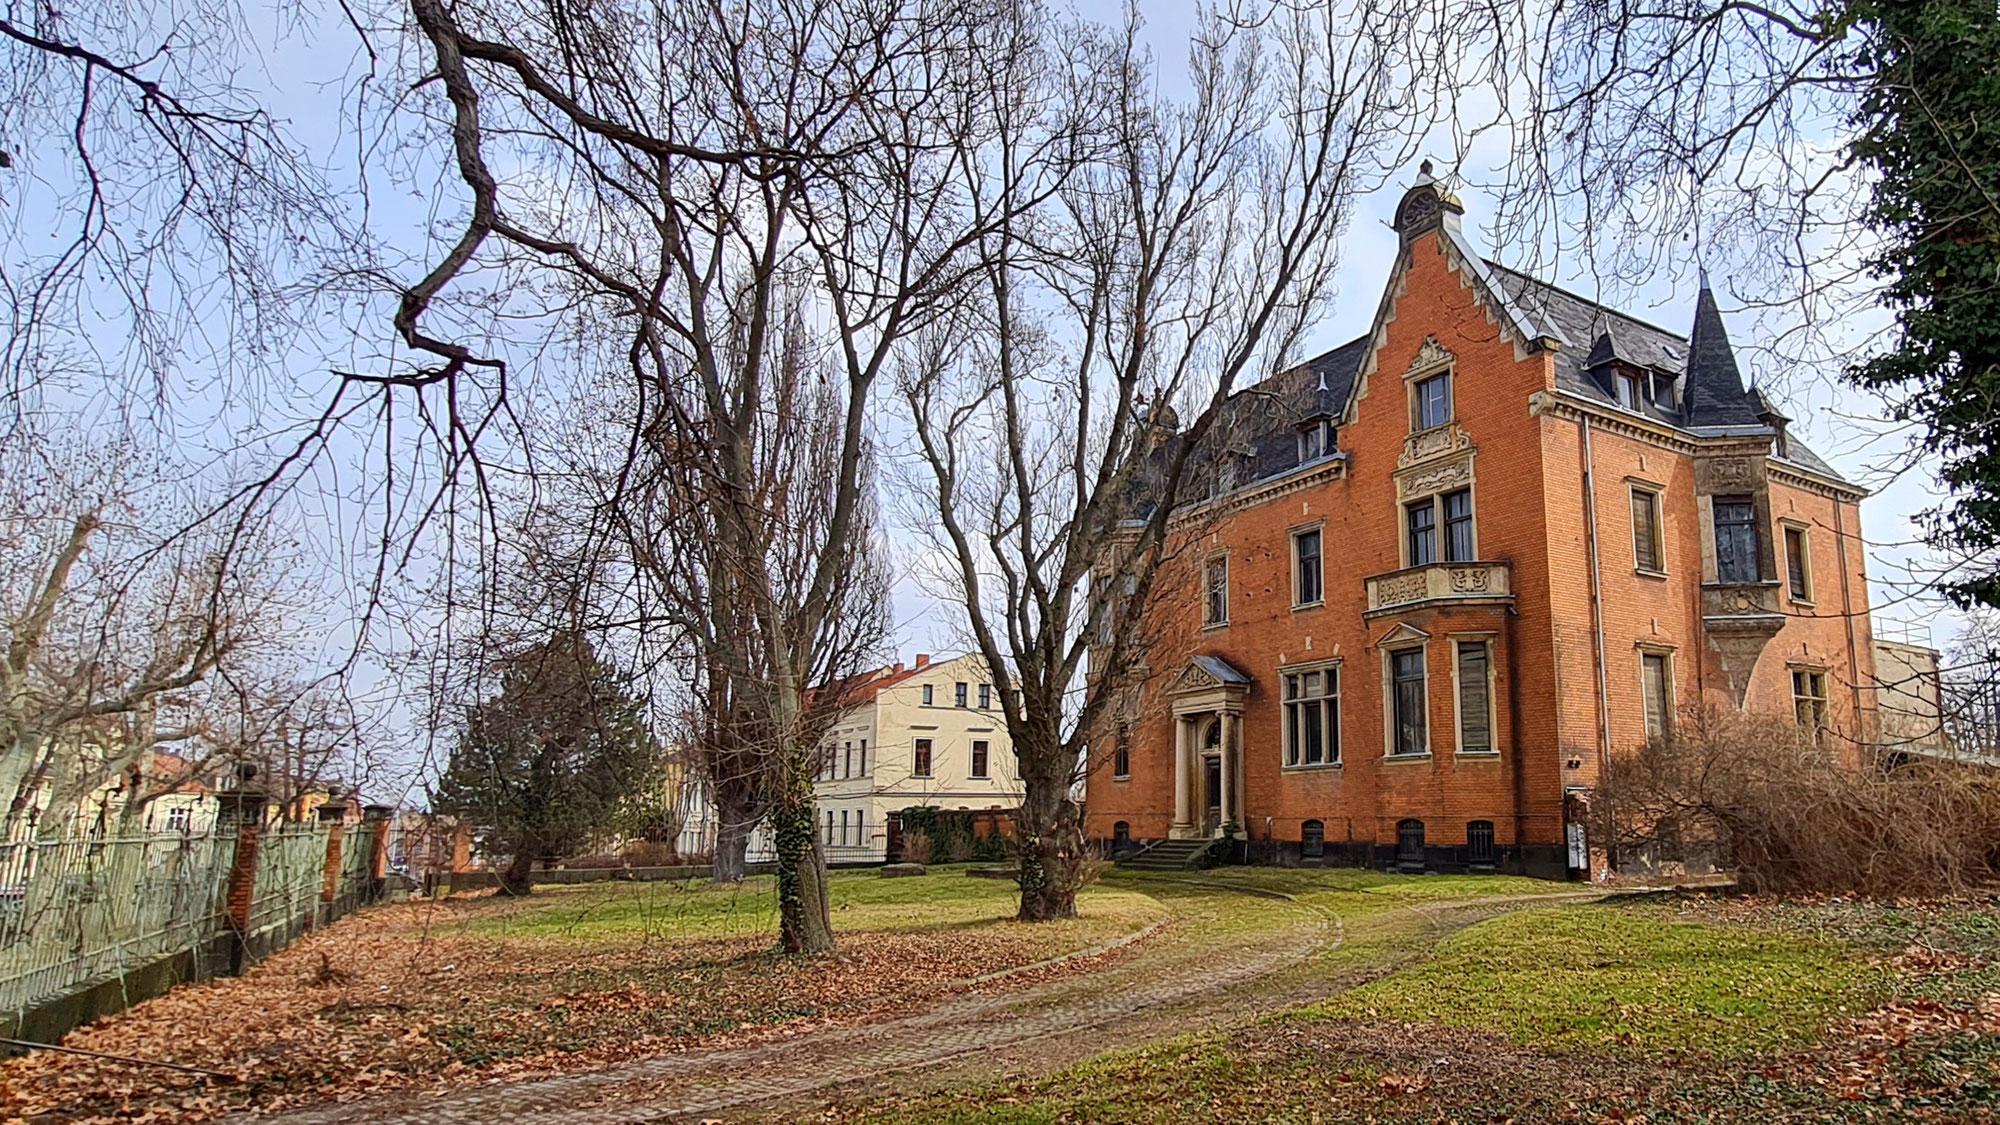 Nach 30 Jahren Leerstand ist eine Lösung für Solvay-Villa in Sicht